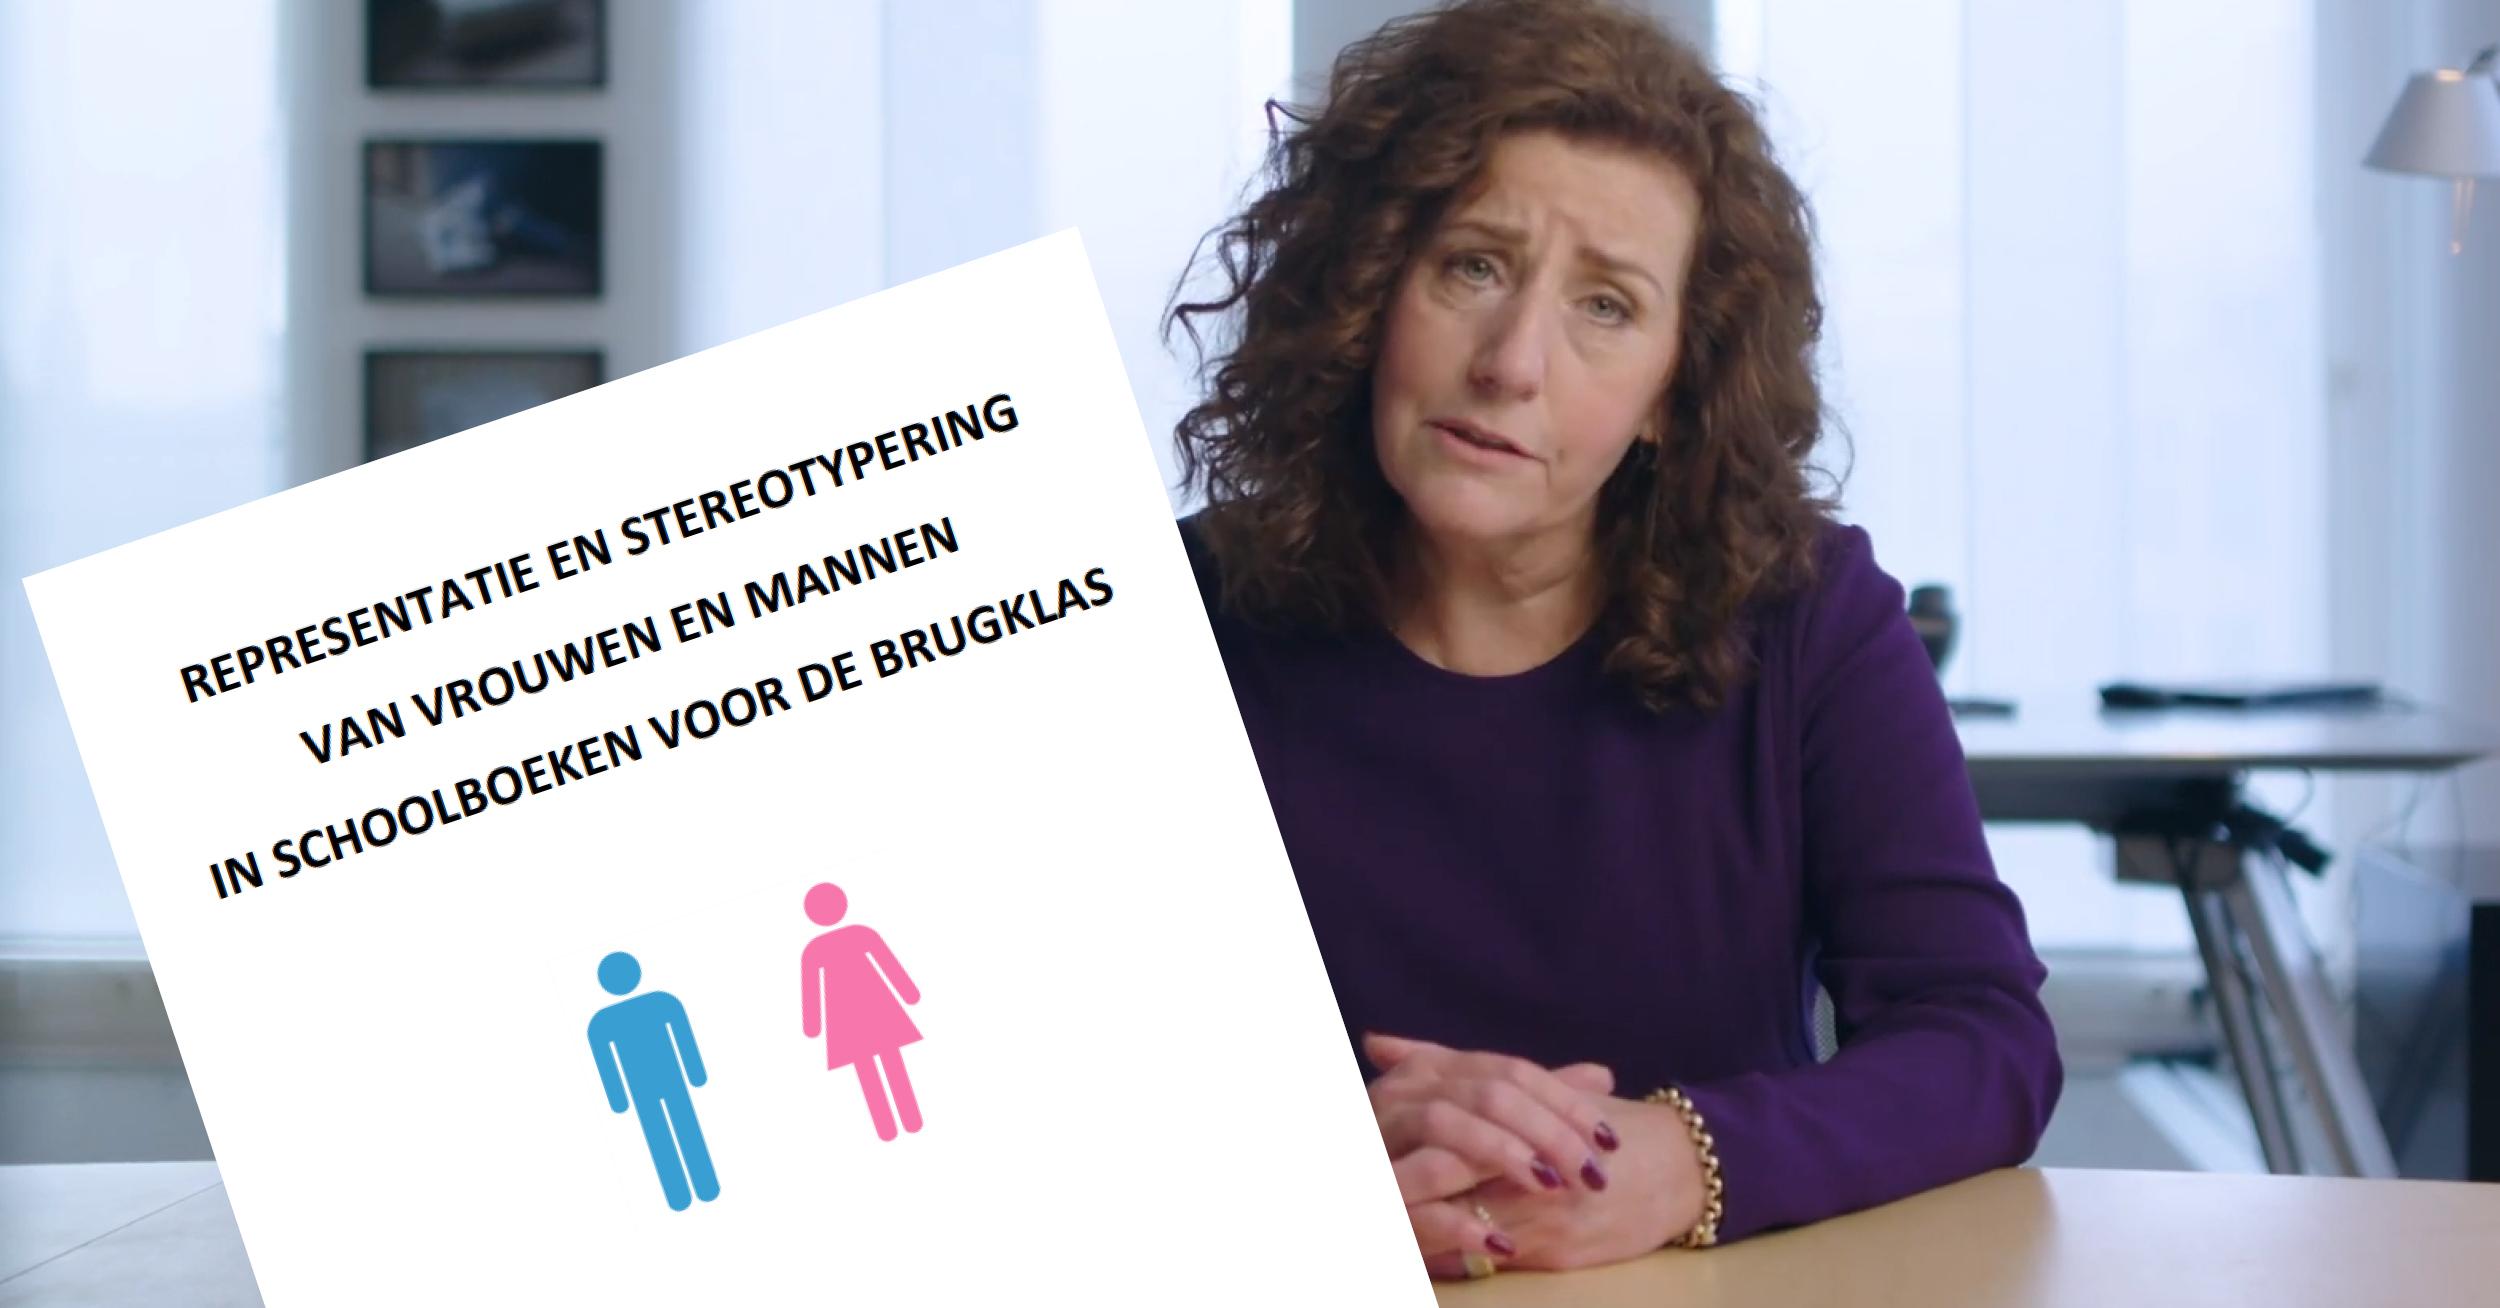 Betrapt: academisch rapport tegen 'genderstereotypering' in schoolboeken is besteld door D66-minister Van Engelshoven